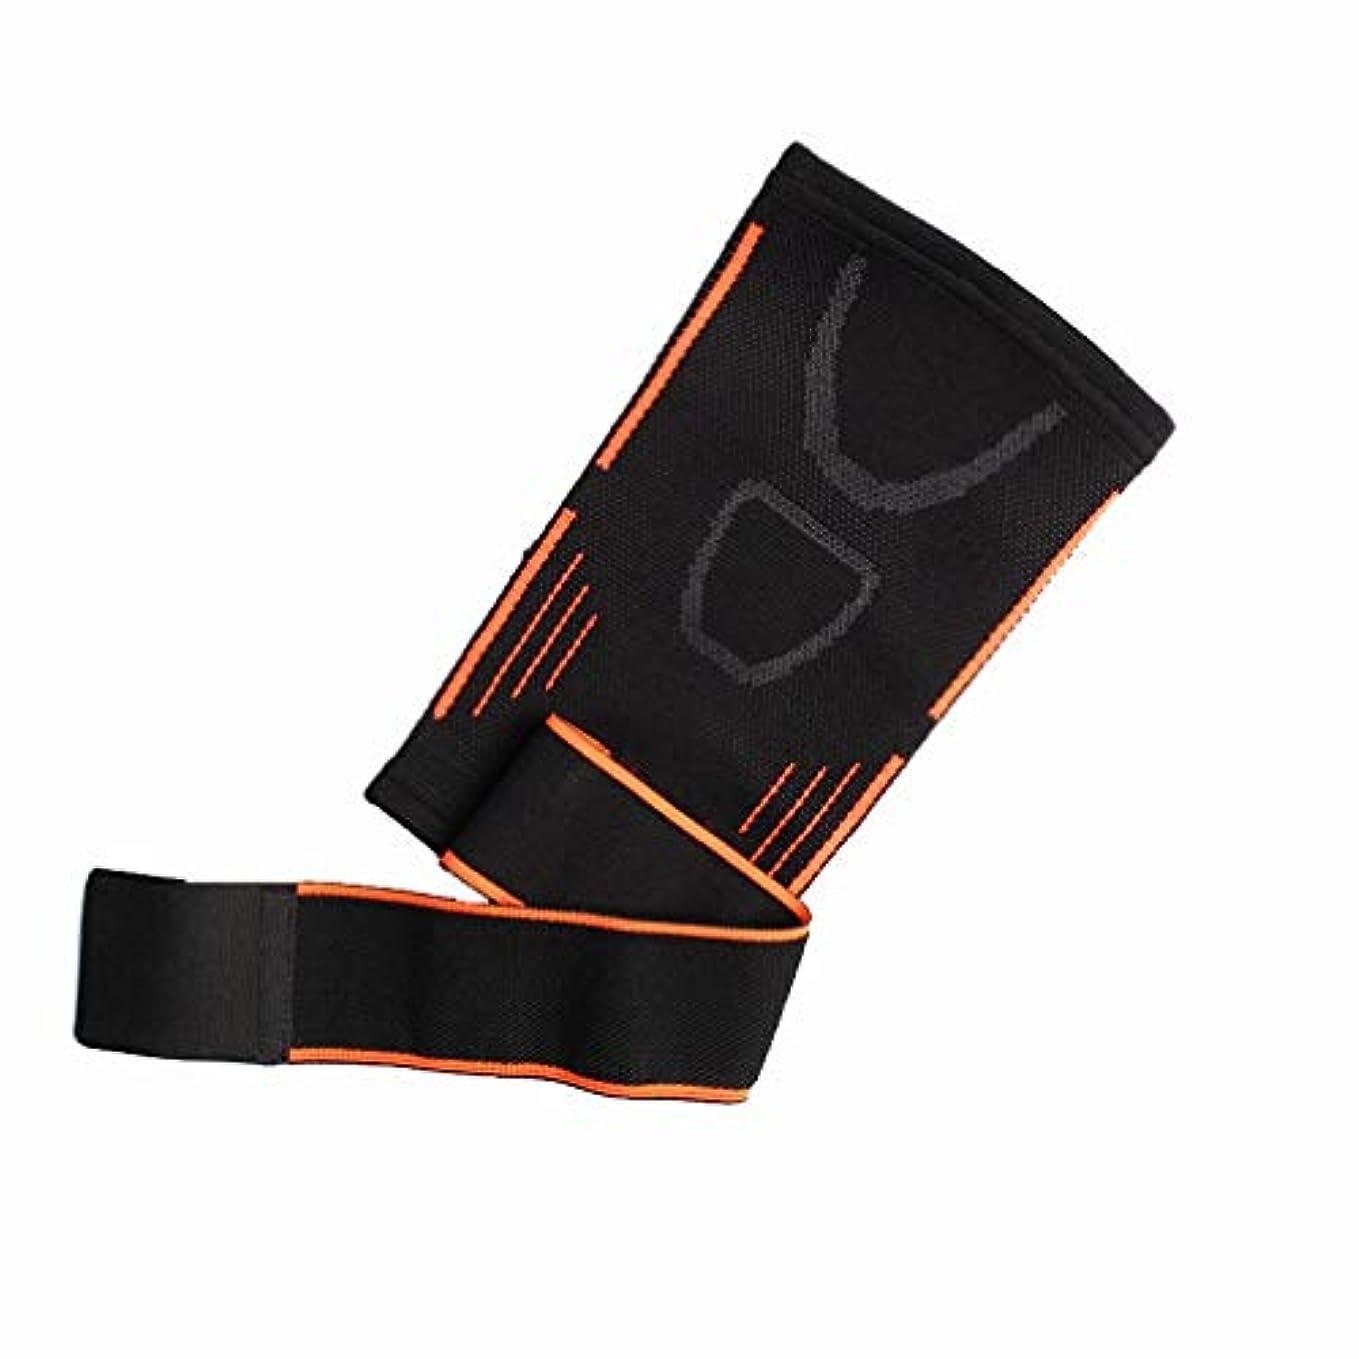 そっとまつげリズミカルな屋外スポーツ圧縮肘ニット肘テニス肘サポート肘ガード-innovationo